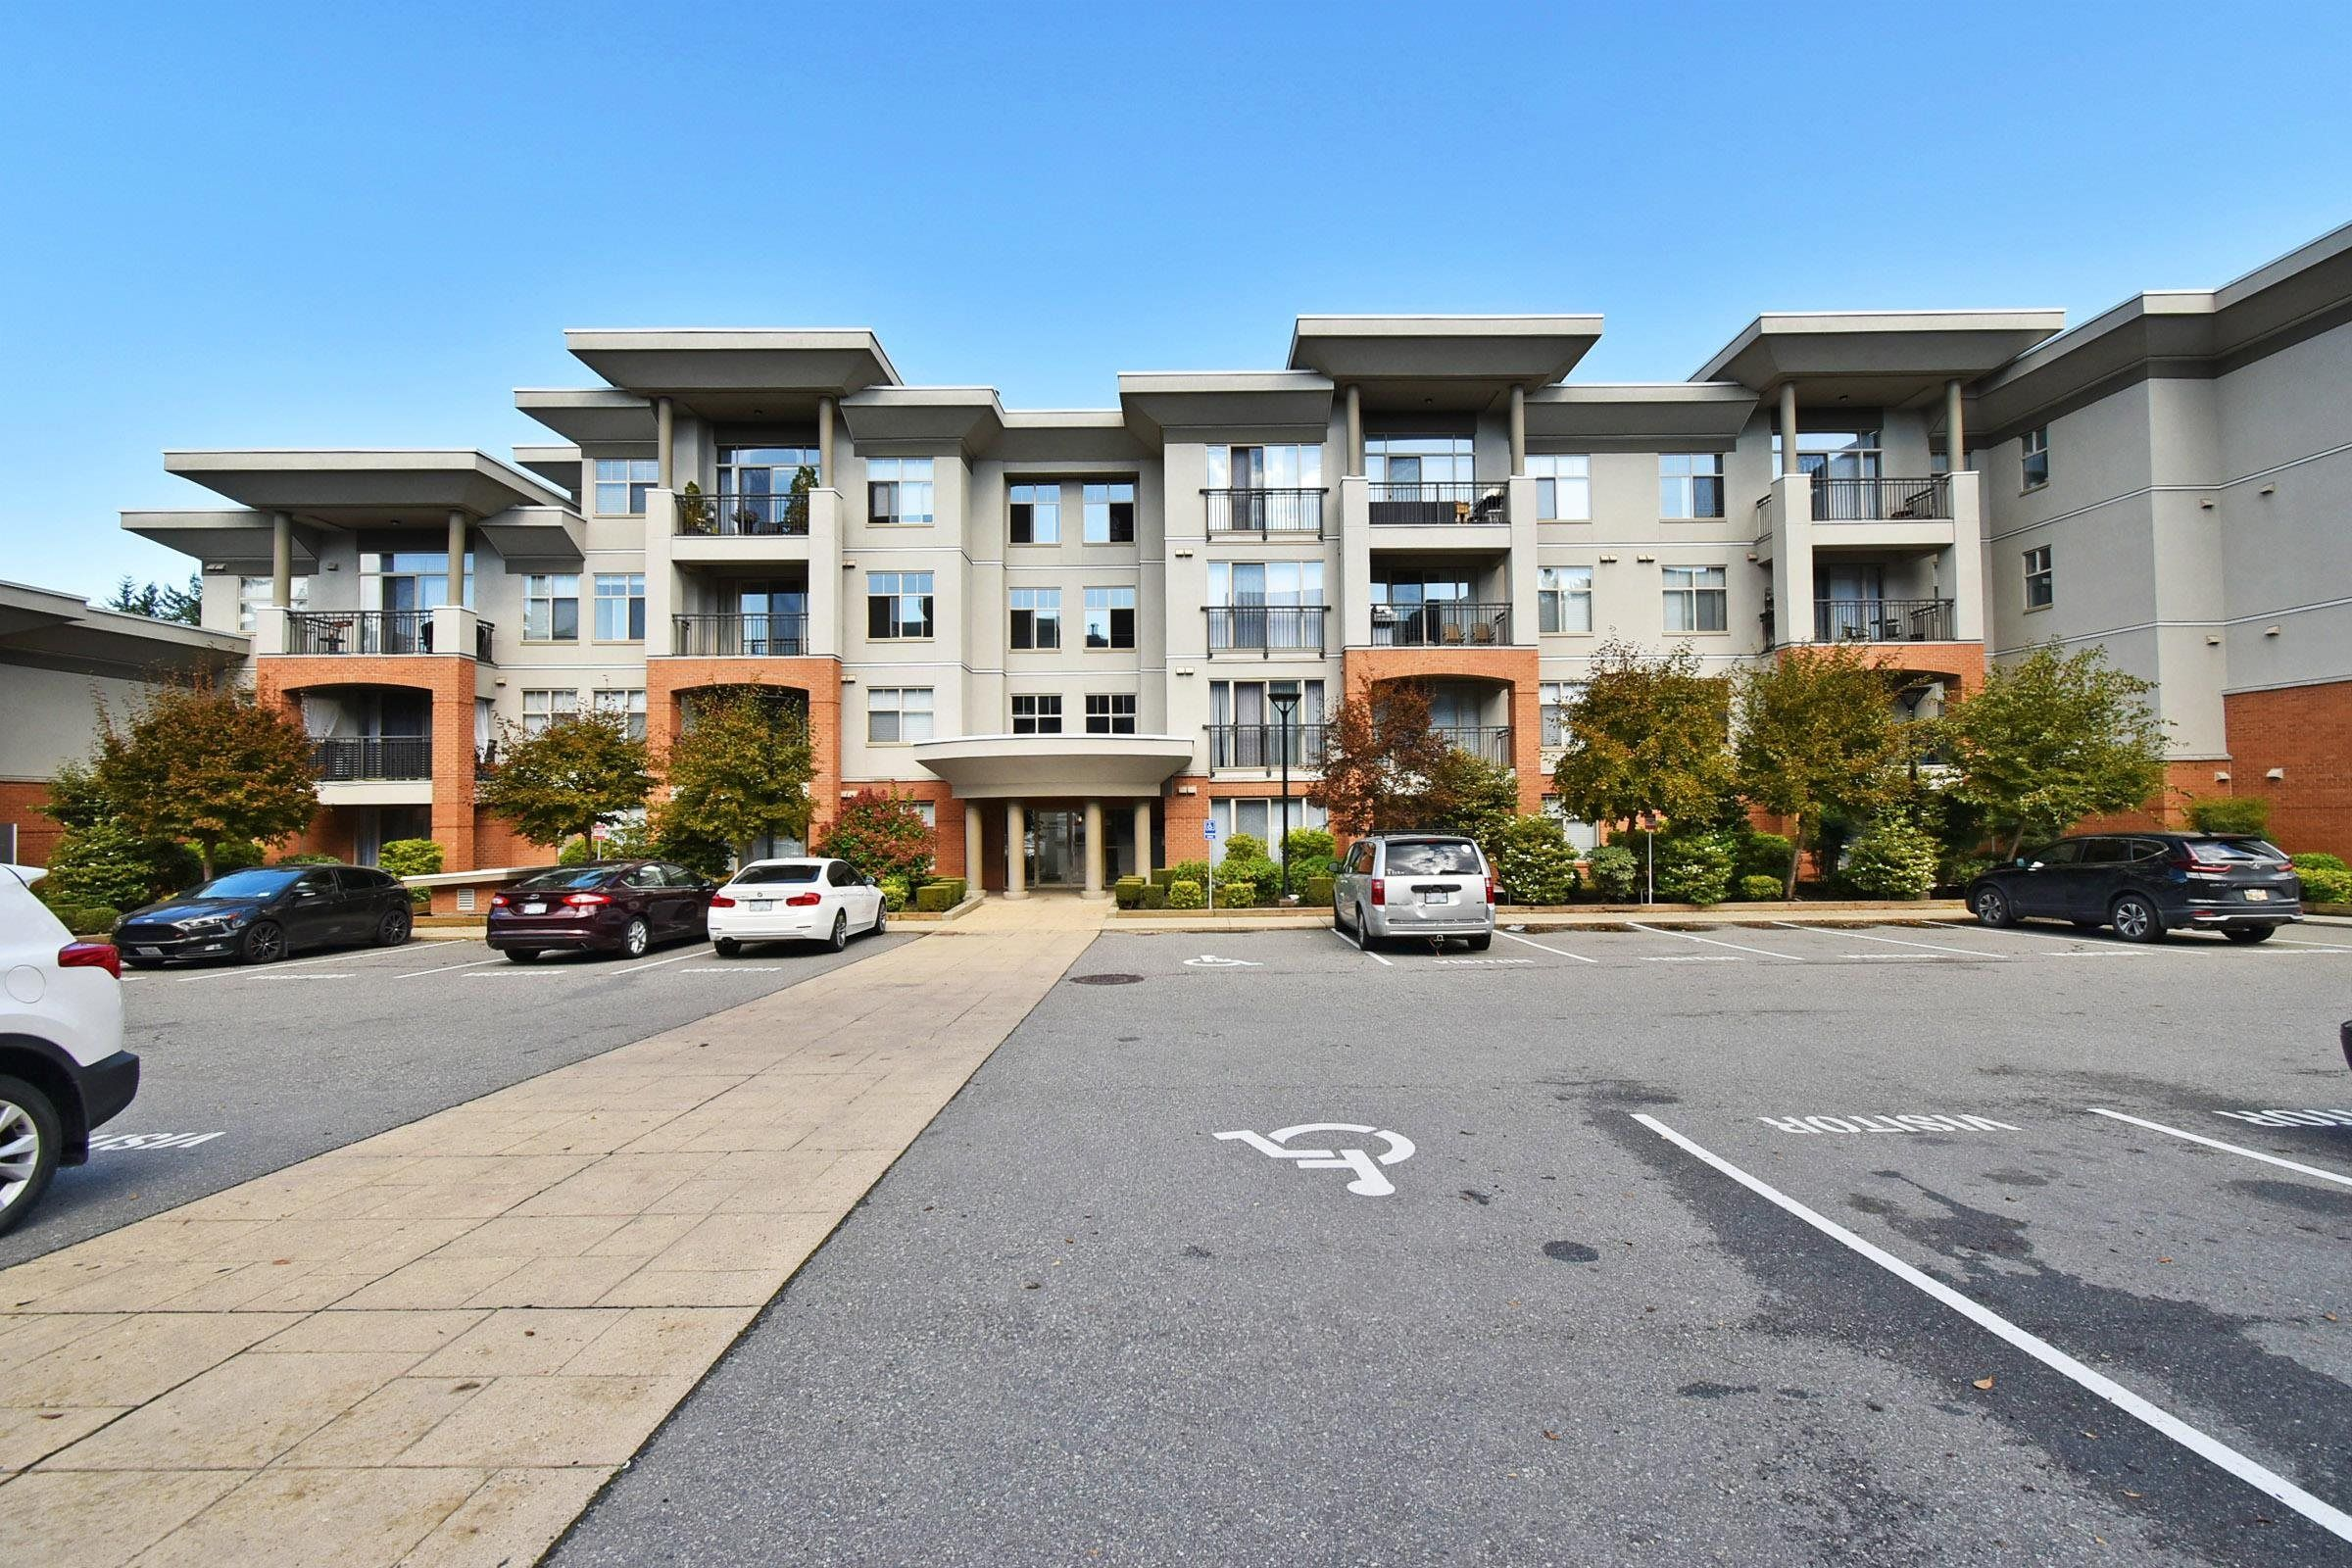 """Main Photo: 215 33546 HOLLAND Avenue in Abbotsford: Central Abbotsford Condo for sale in """"TEMPO"""" : MLS®# R2623337"""